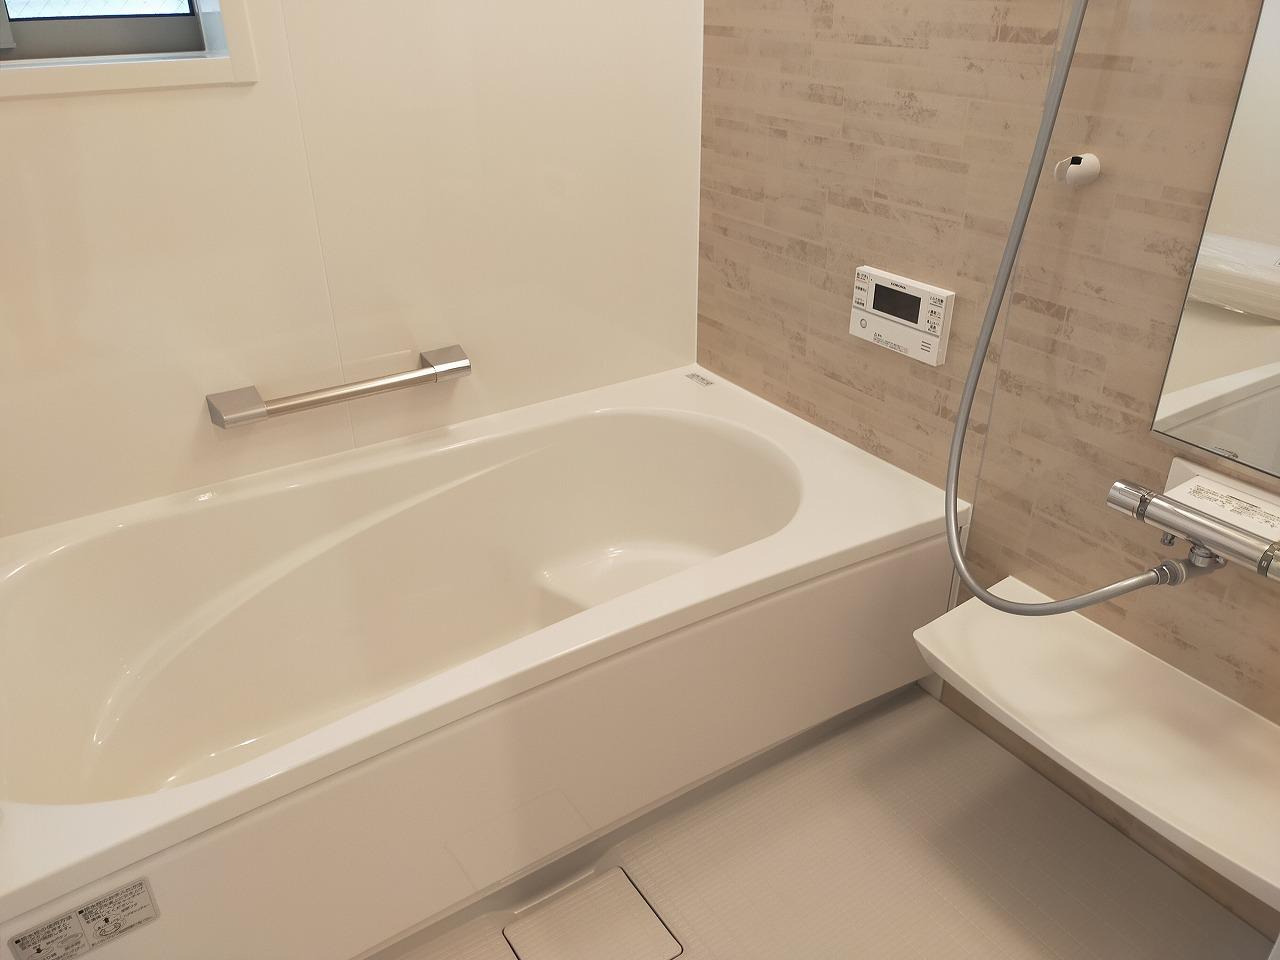 浴室は暖房乾燥機付き・小窓もあり換気も便利です